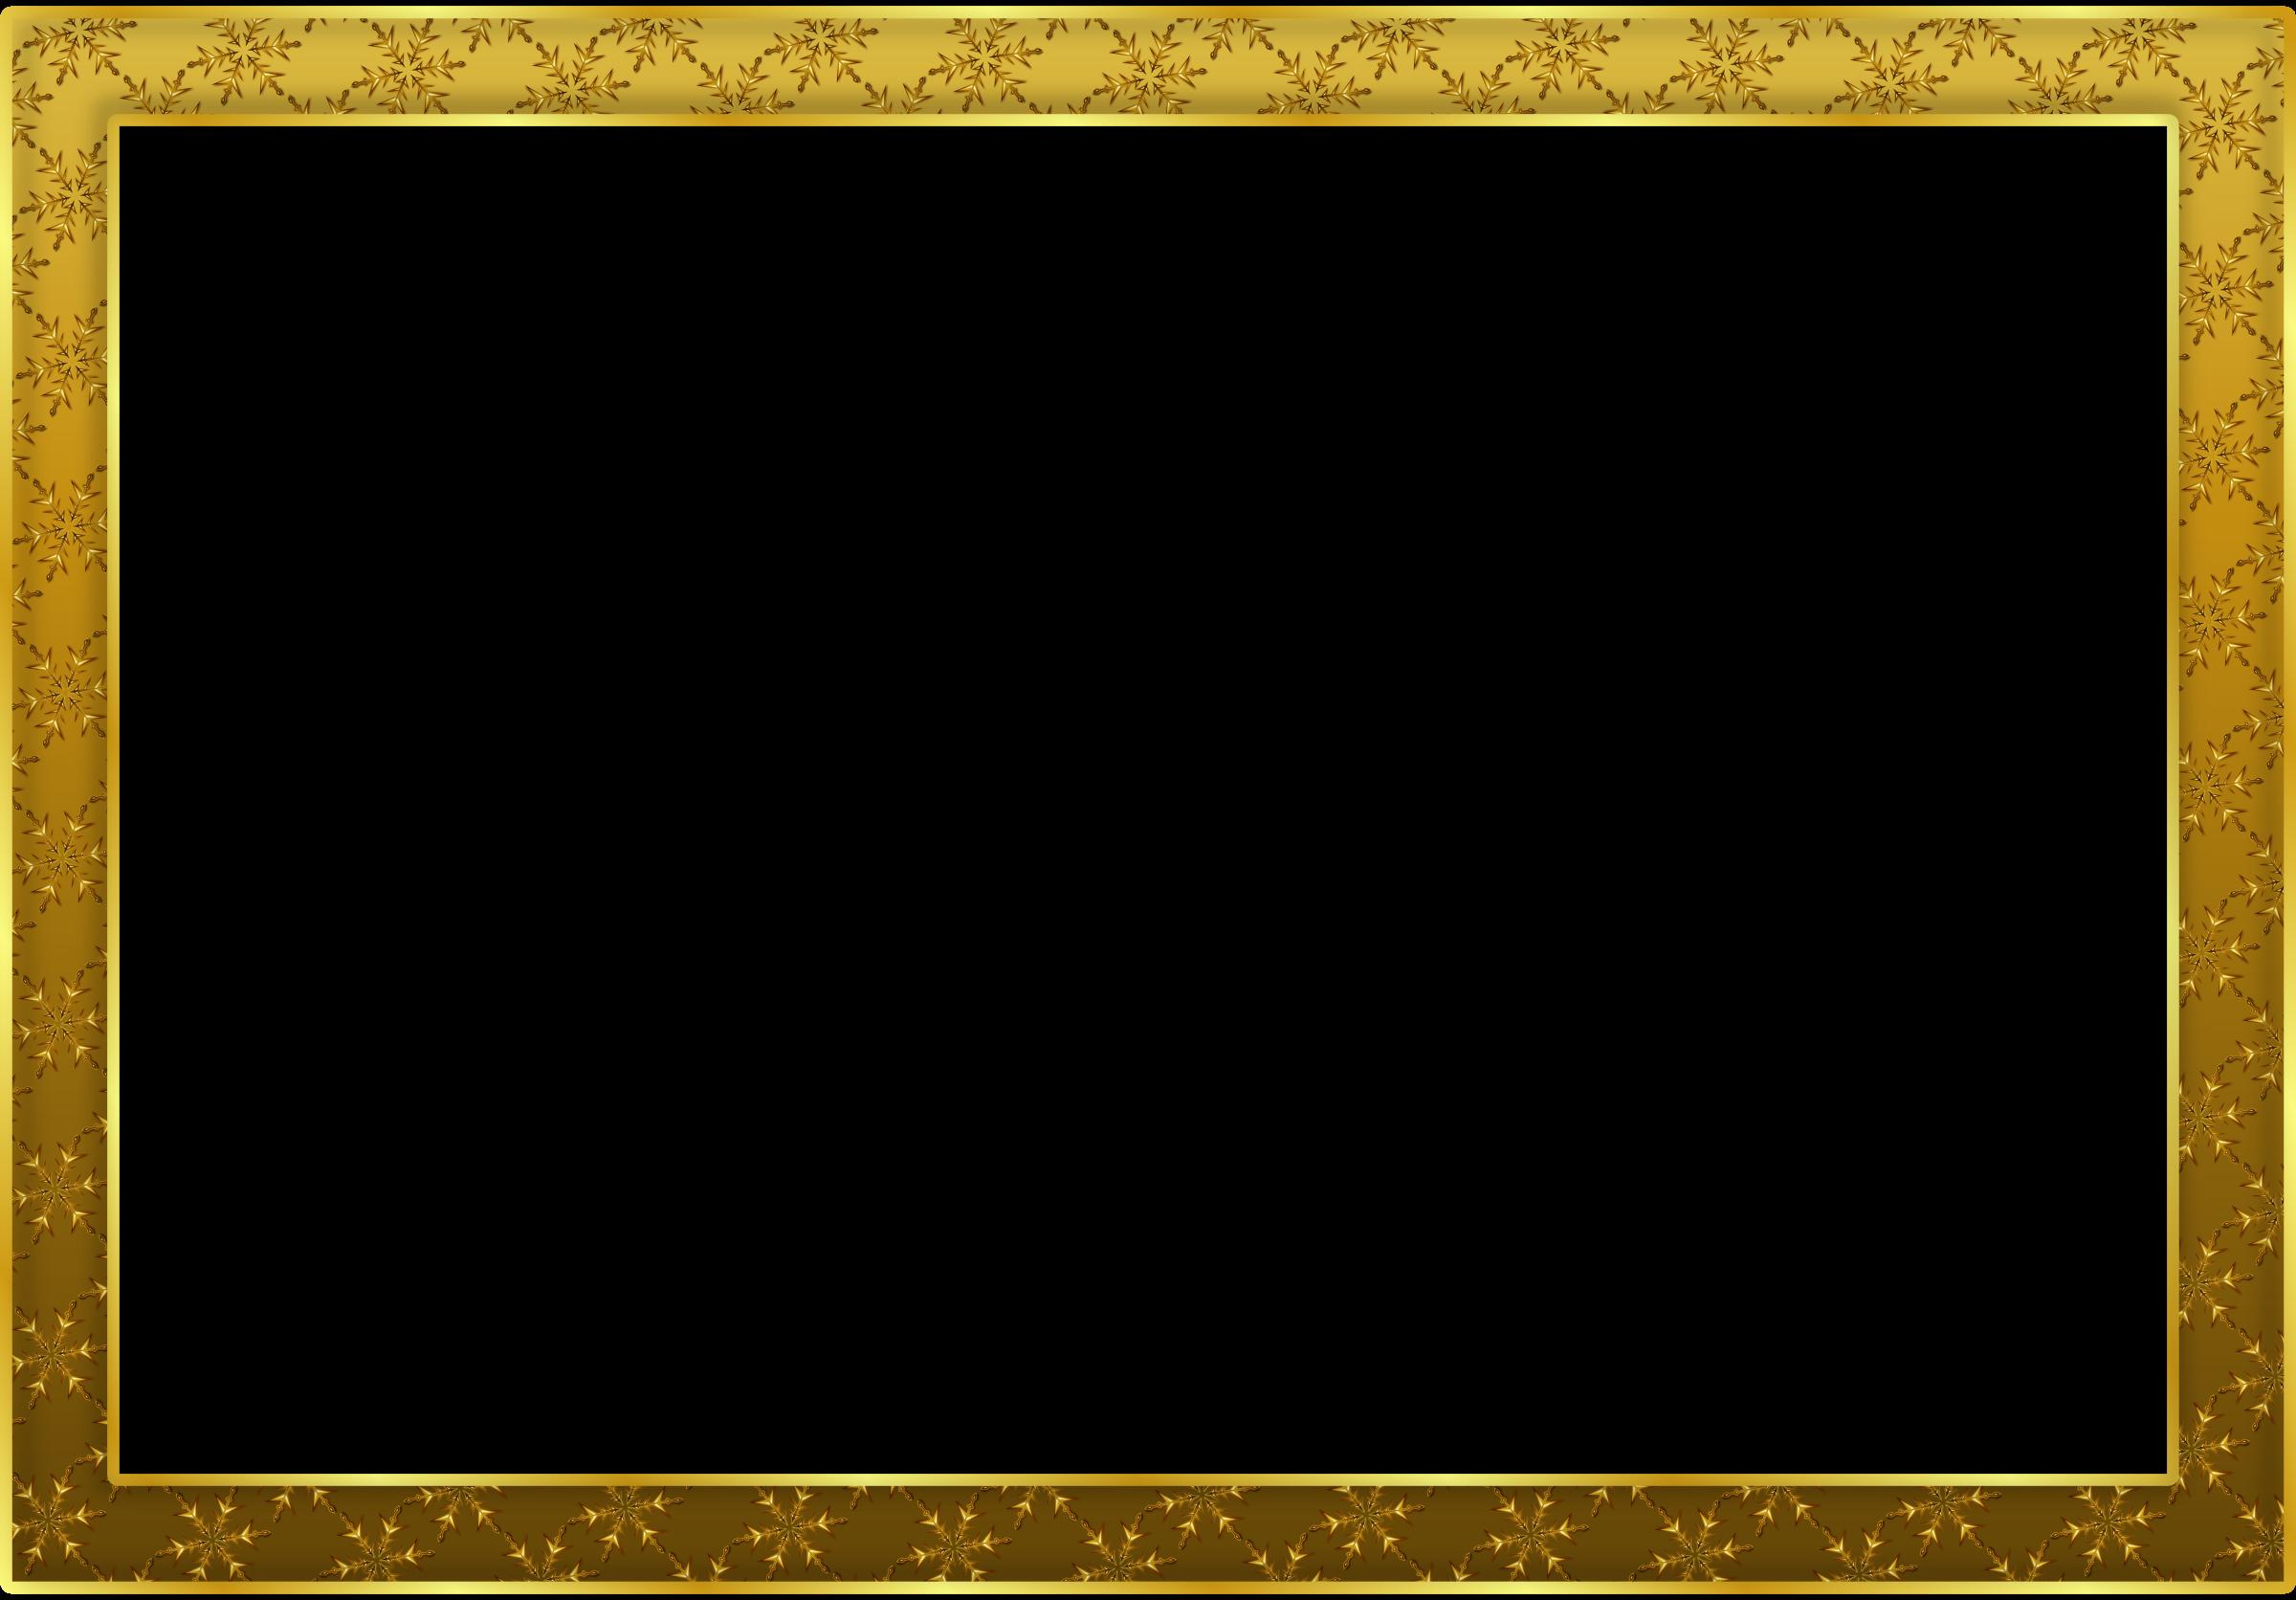 Frame vàng để ghép ảnh